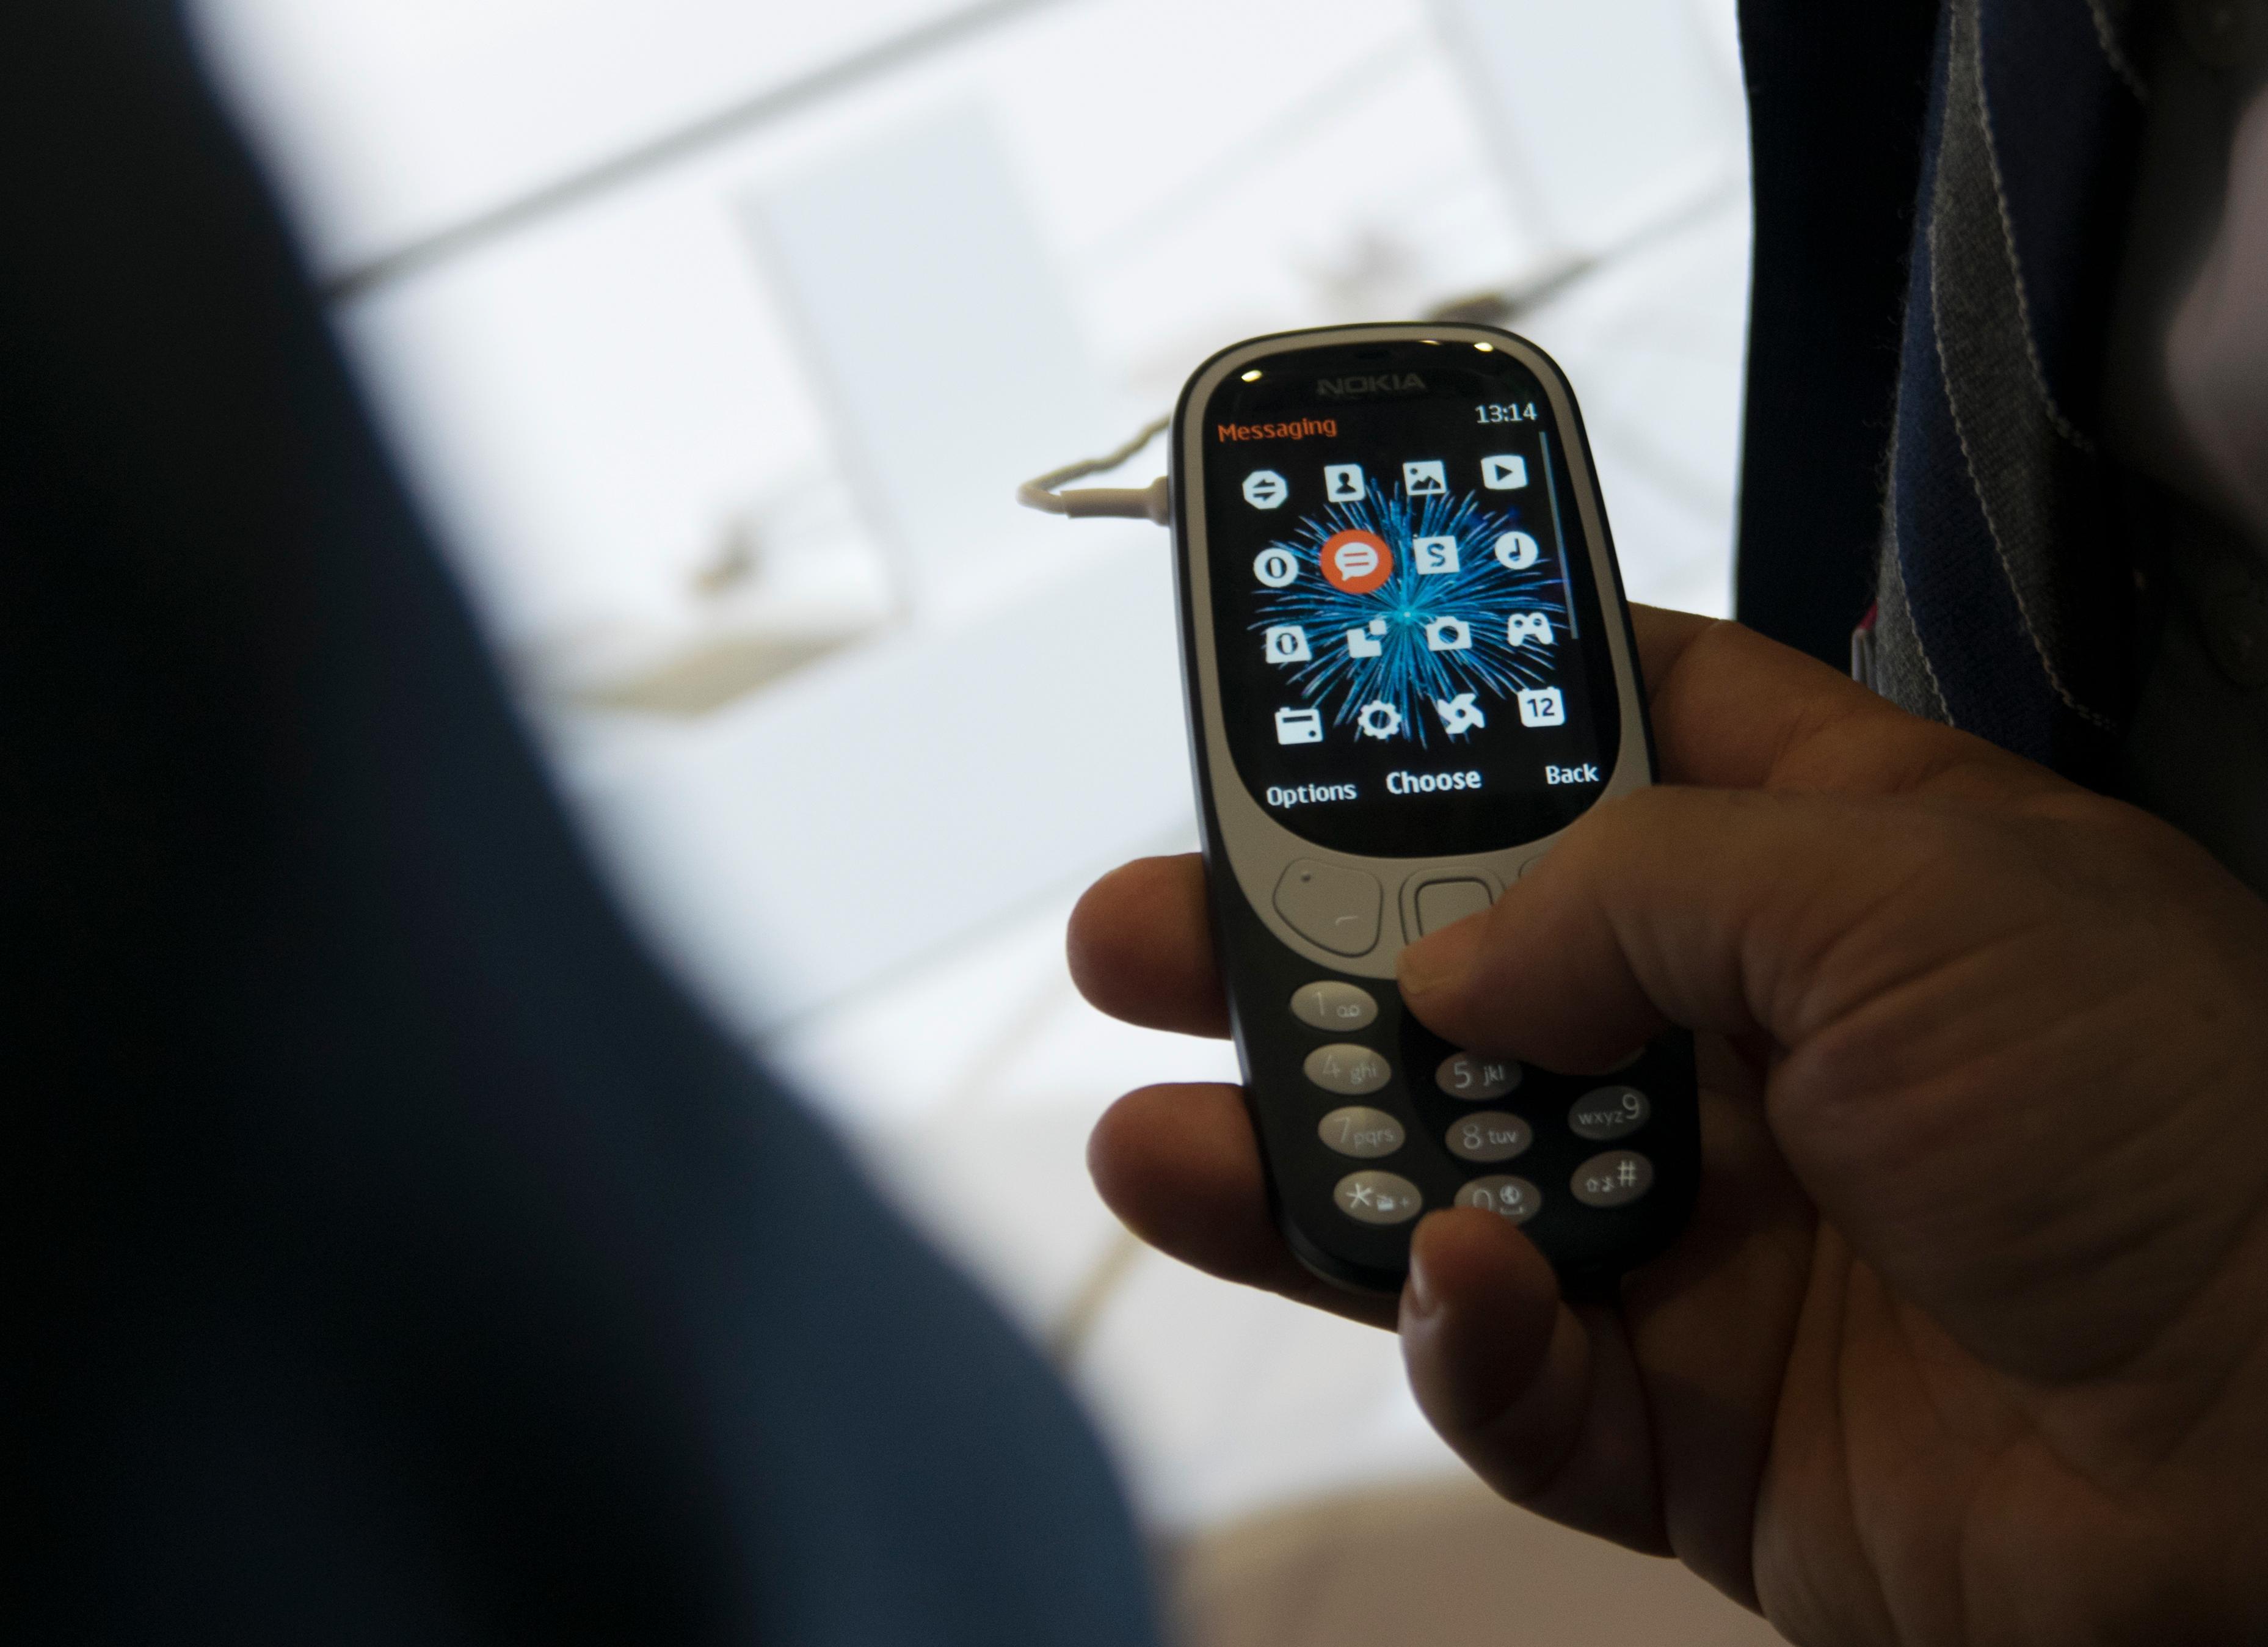 Dette er kanskje fargekombinasjonen som minner mest om den tradisjonelle blå/grå Nokia 3310.